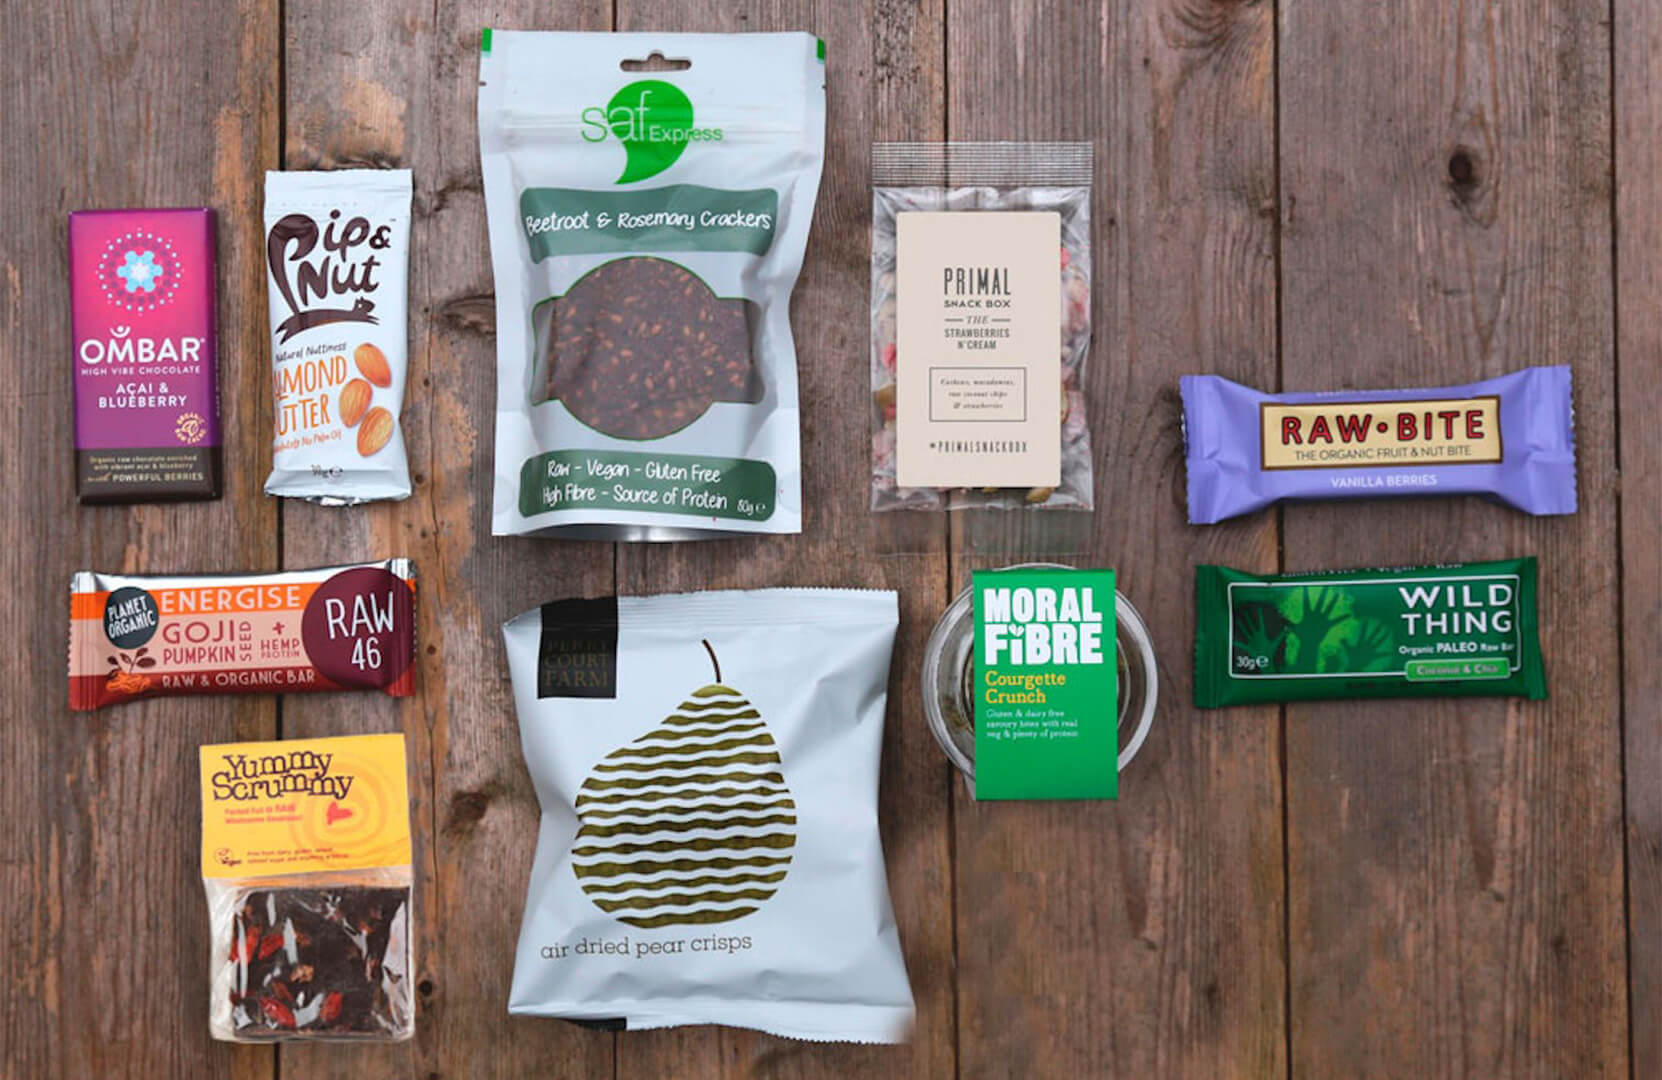 Primal snack box 1